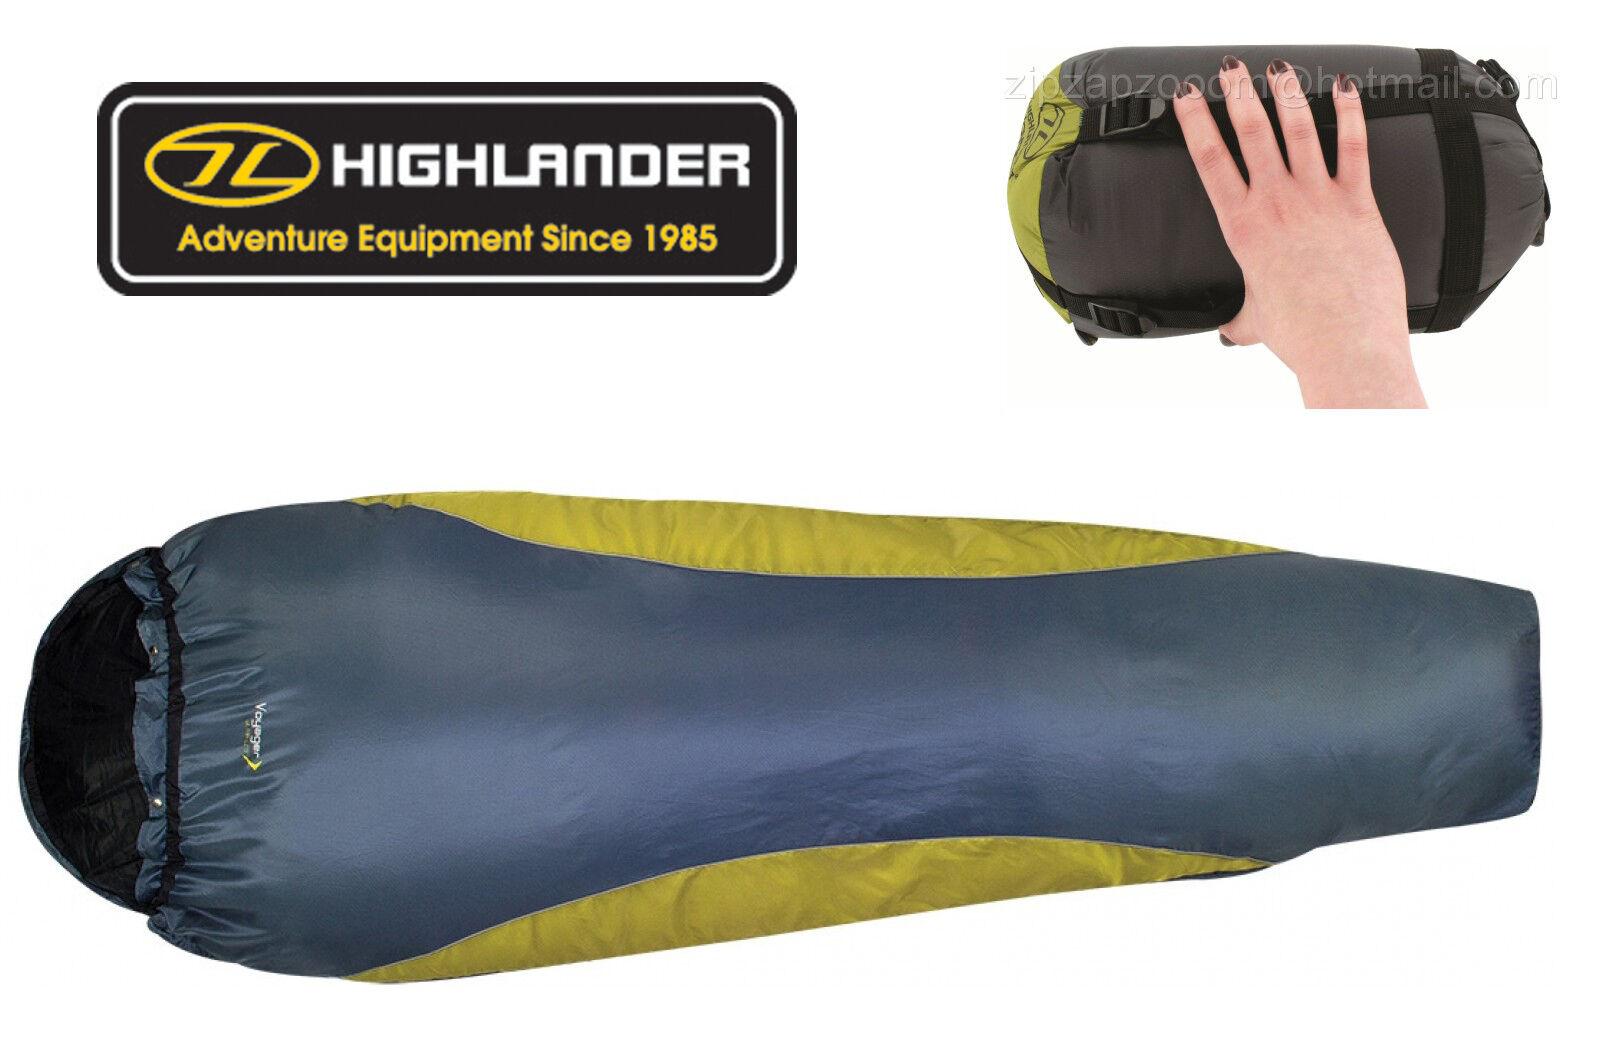 Highlander Travel Ultra Lite Mummy Compact Lightweißht Voyager Sleeping Tasche